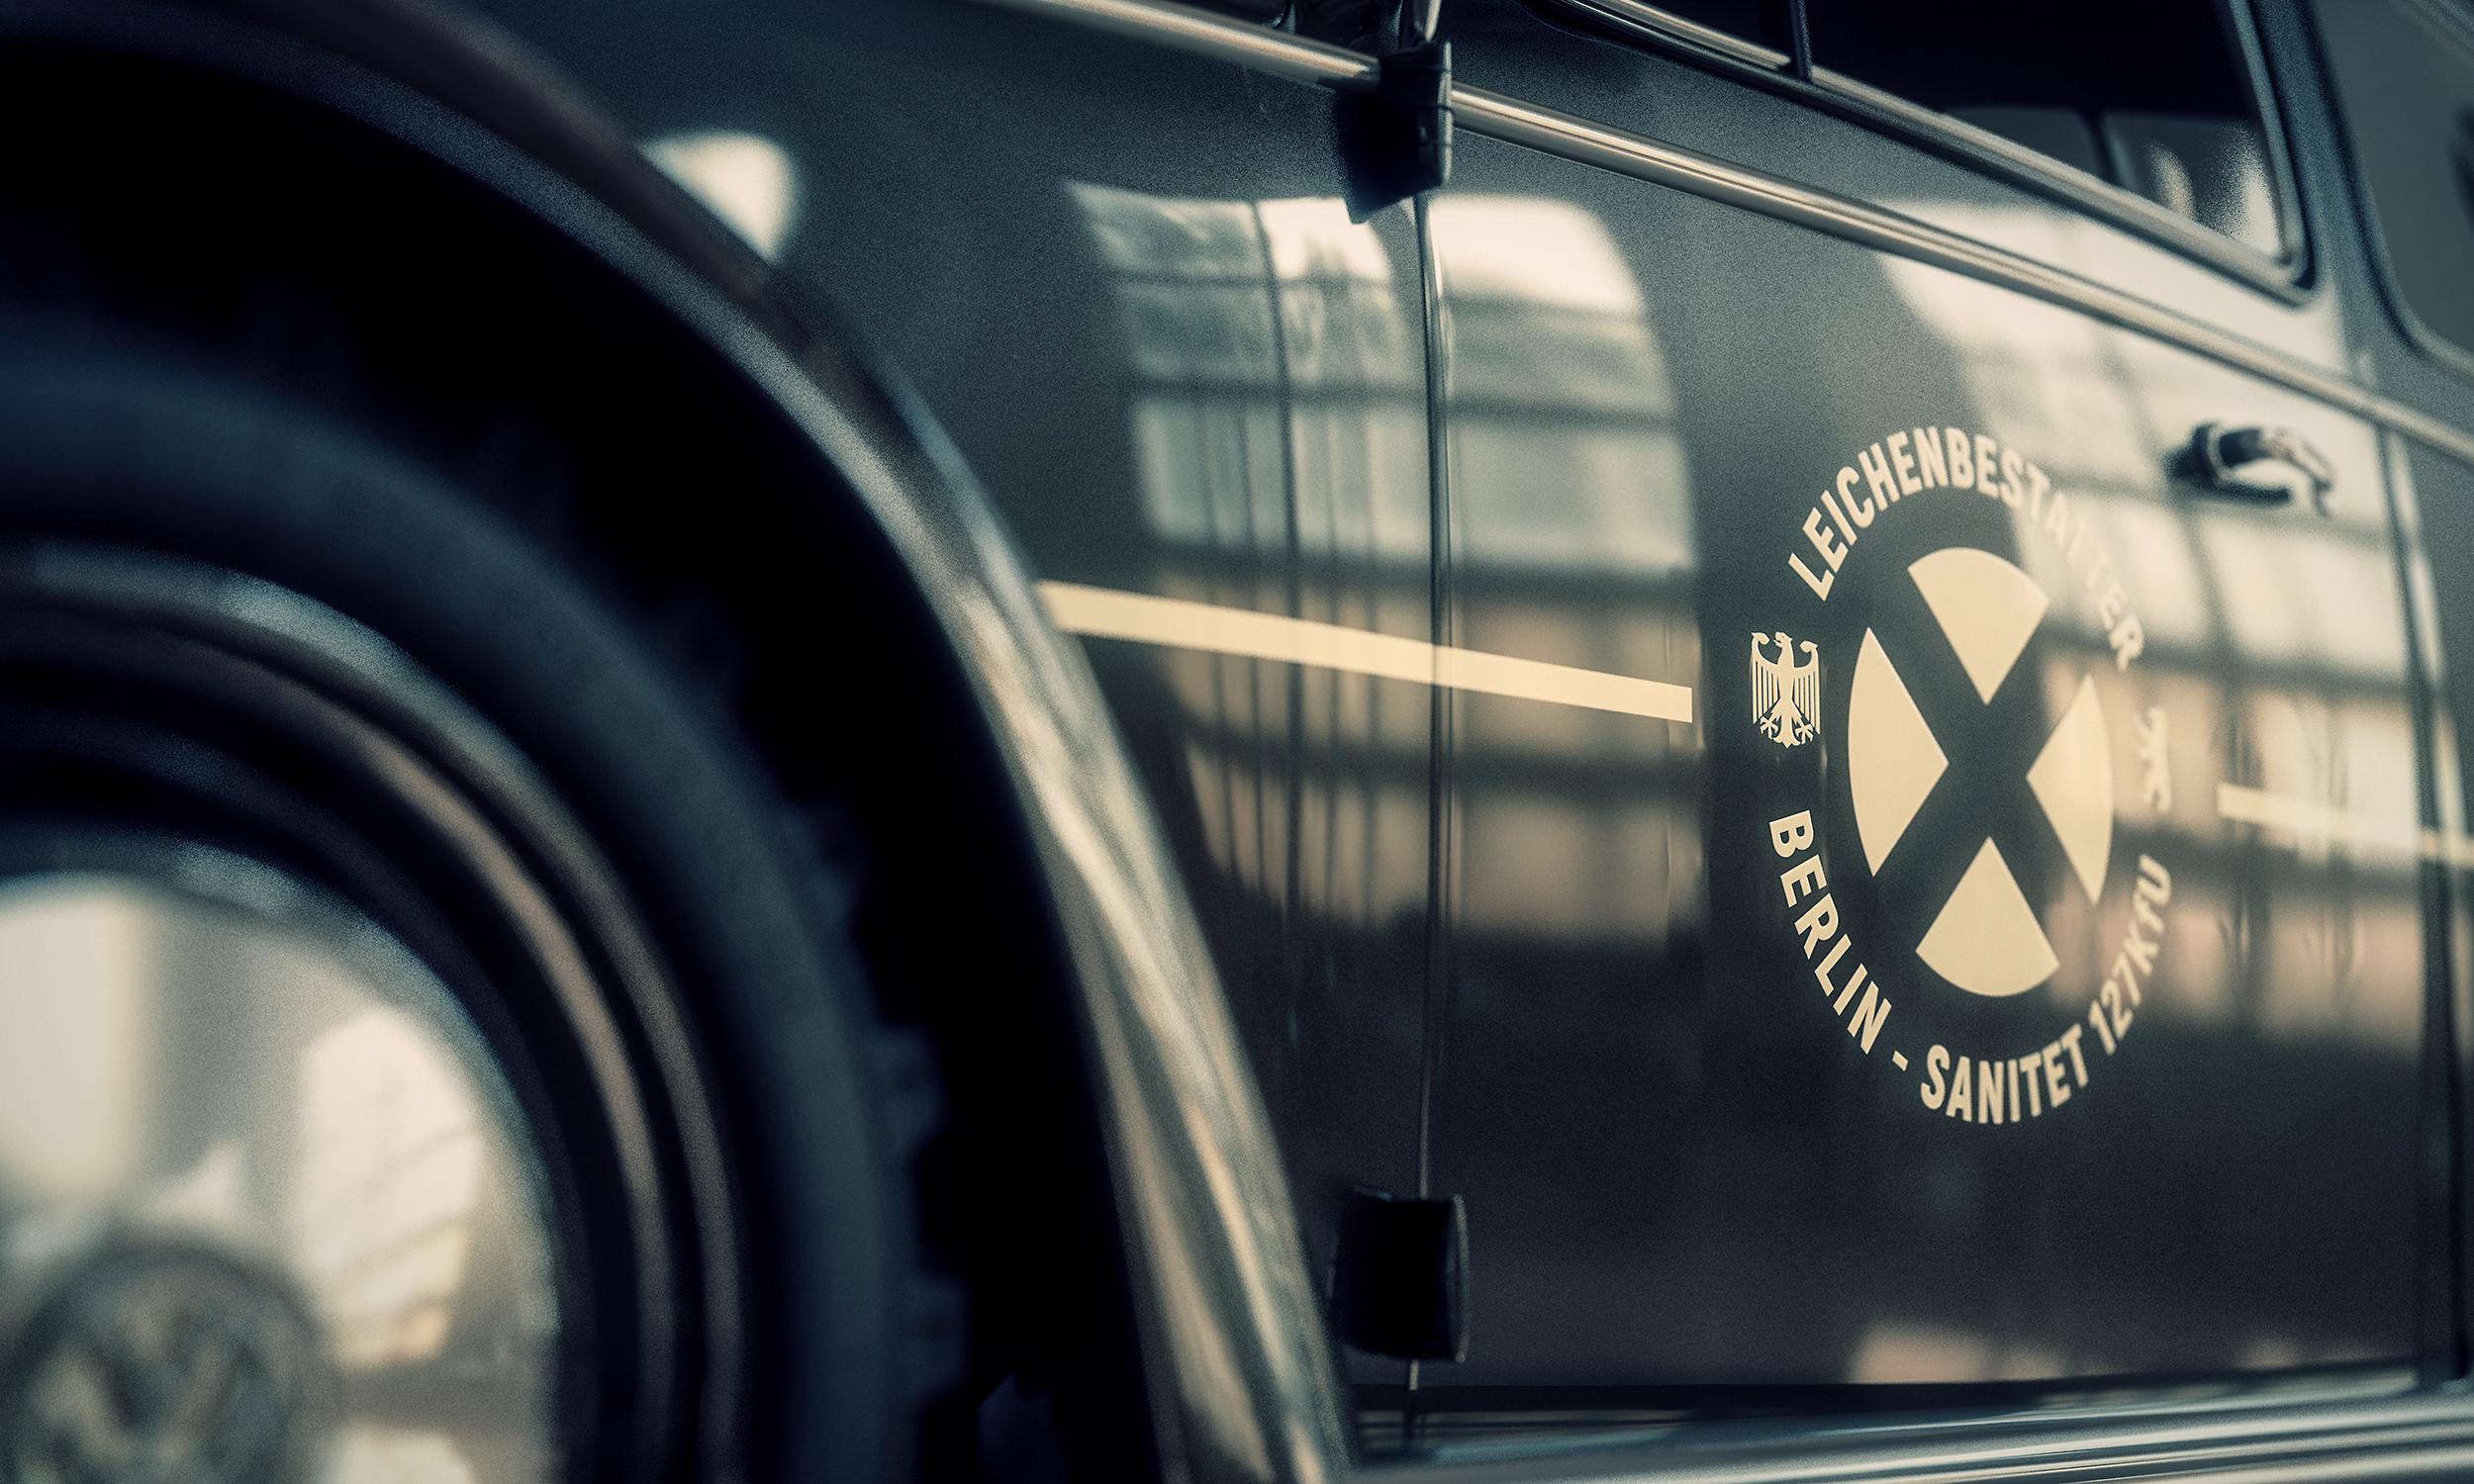 VW Type 1 2400 Diesel, mortician